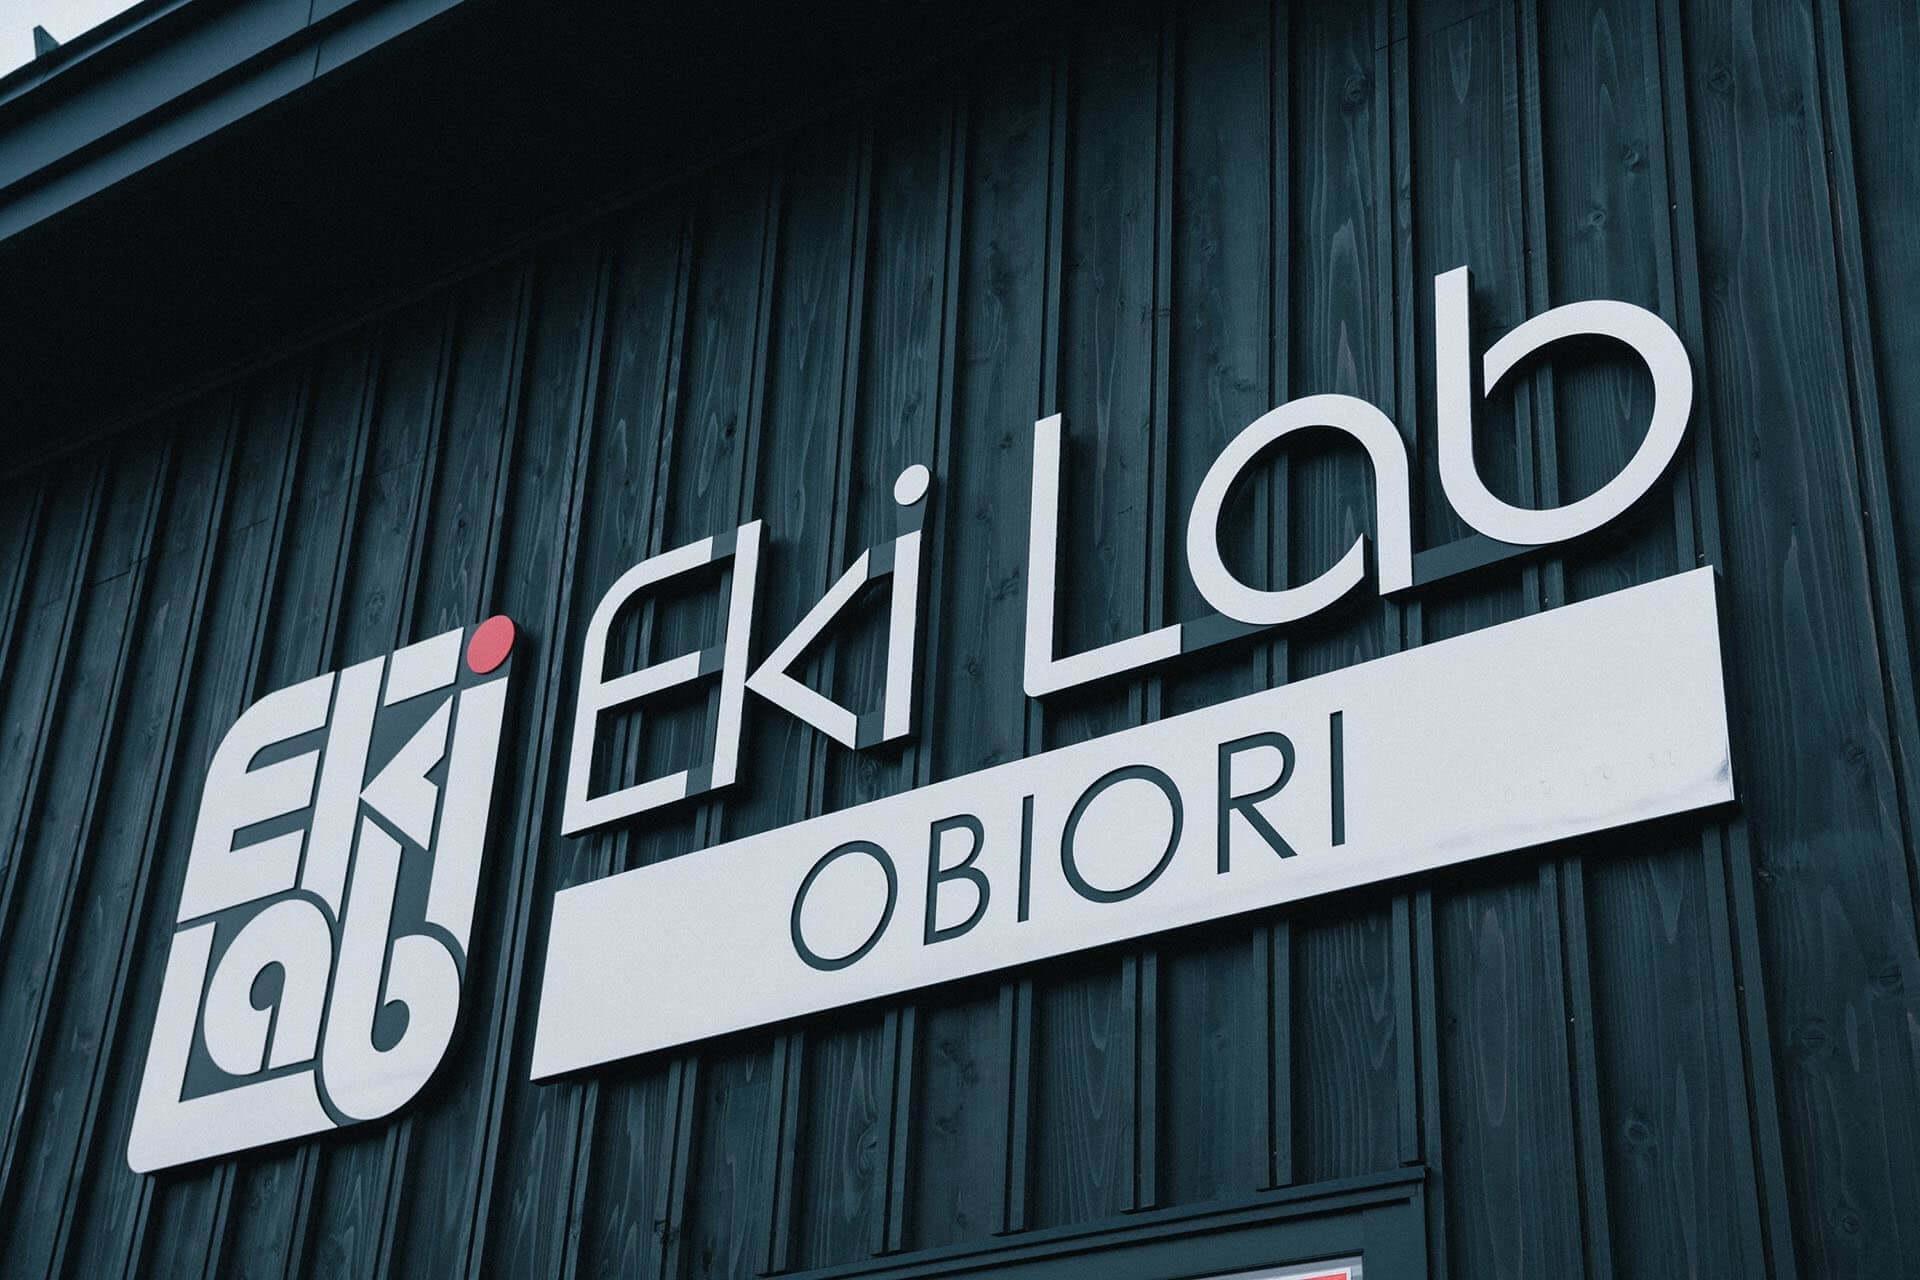 燕三条の無人駅から発信された「EkiLabものづくりAWARD」、受賞作品発表! tech210315_ekilab-award-01_9-1920x1280